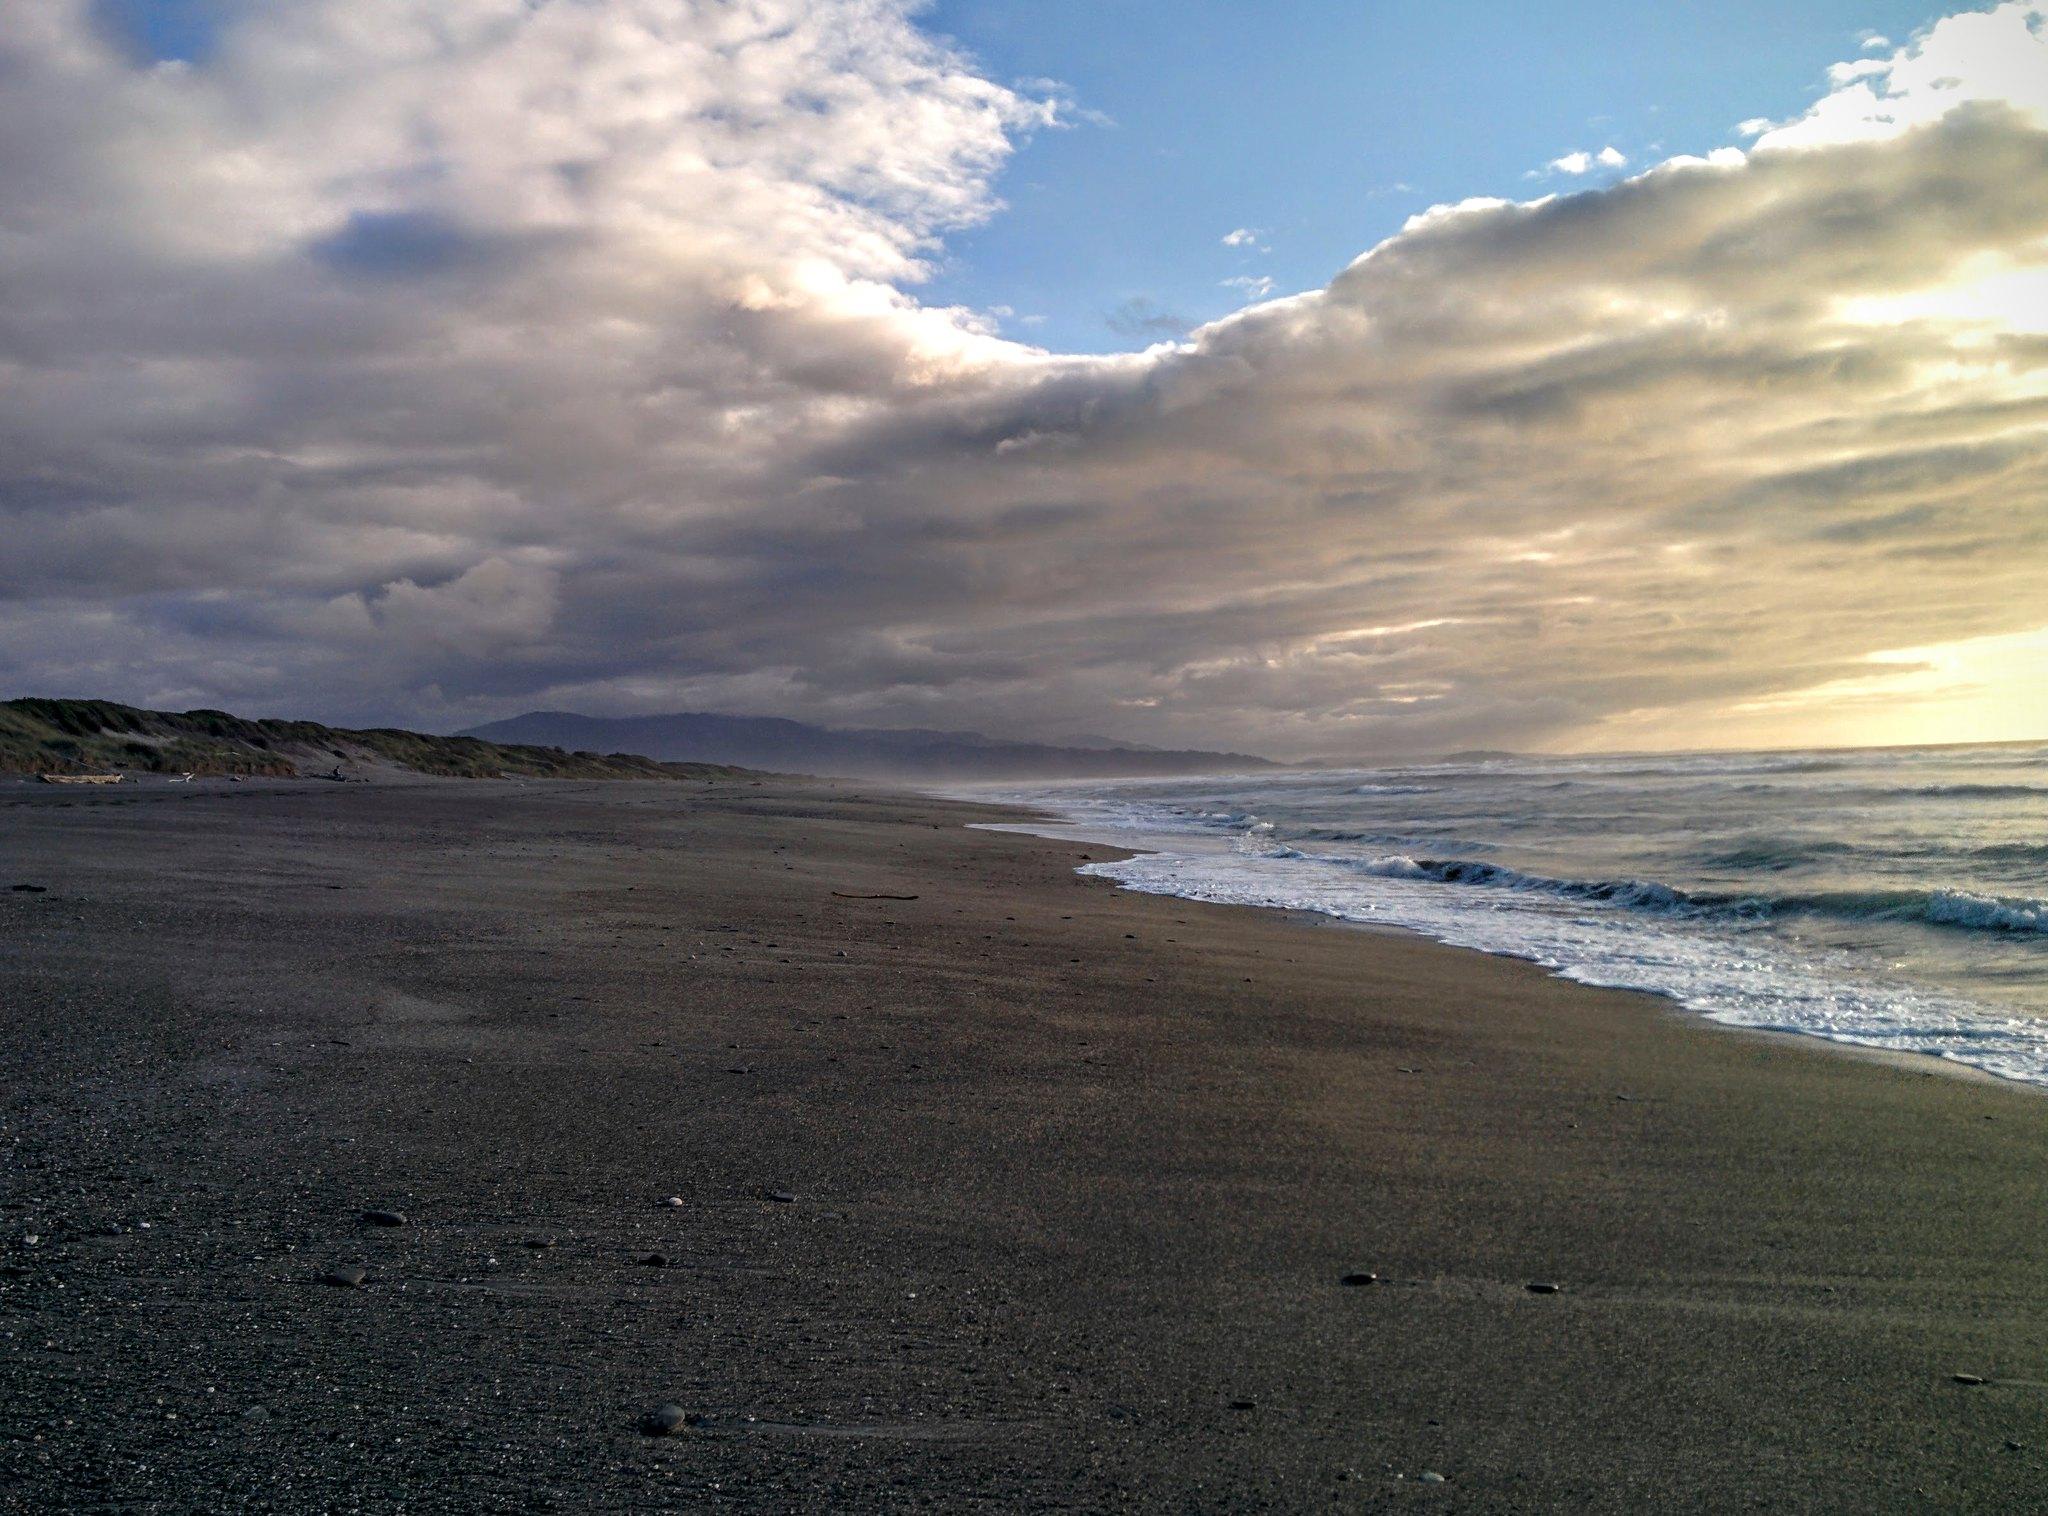 Mahinapua beach